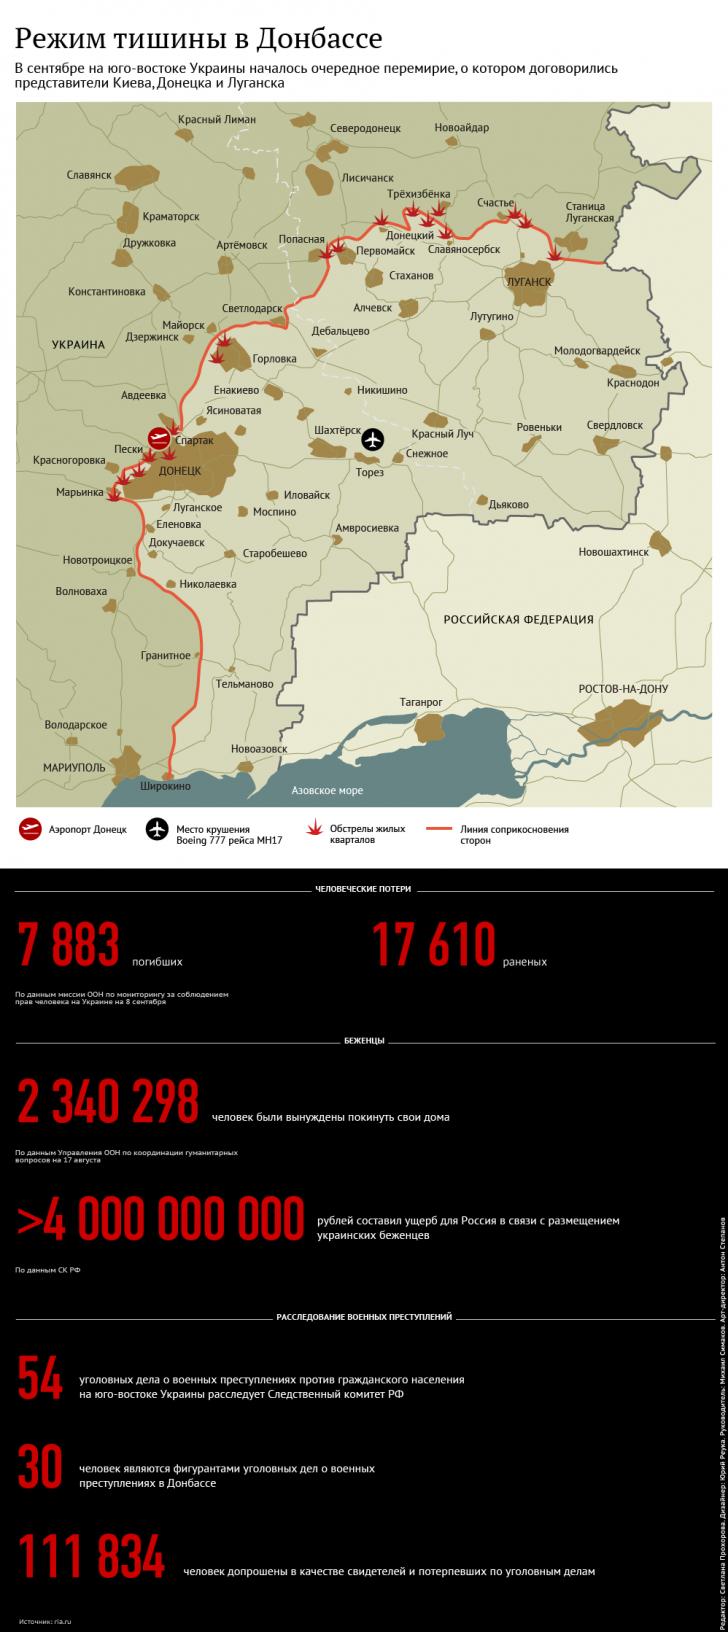 Порошенко заявил об отсутствии продвижения в реализации